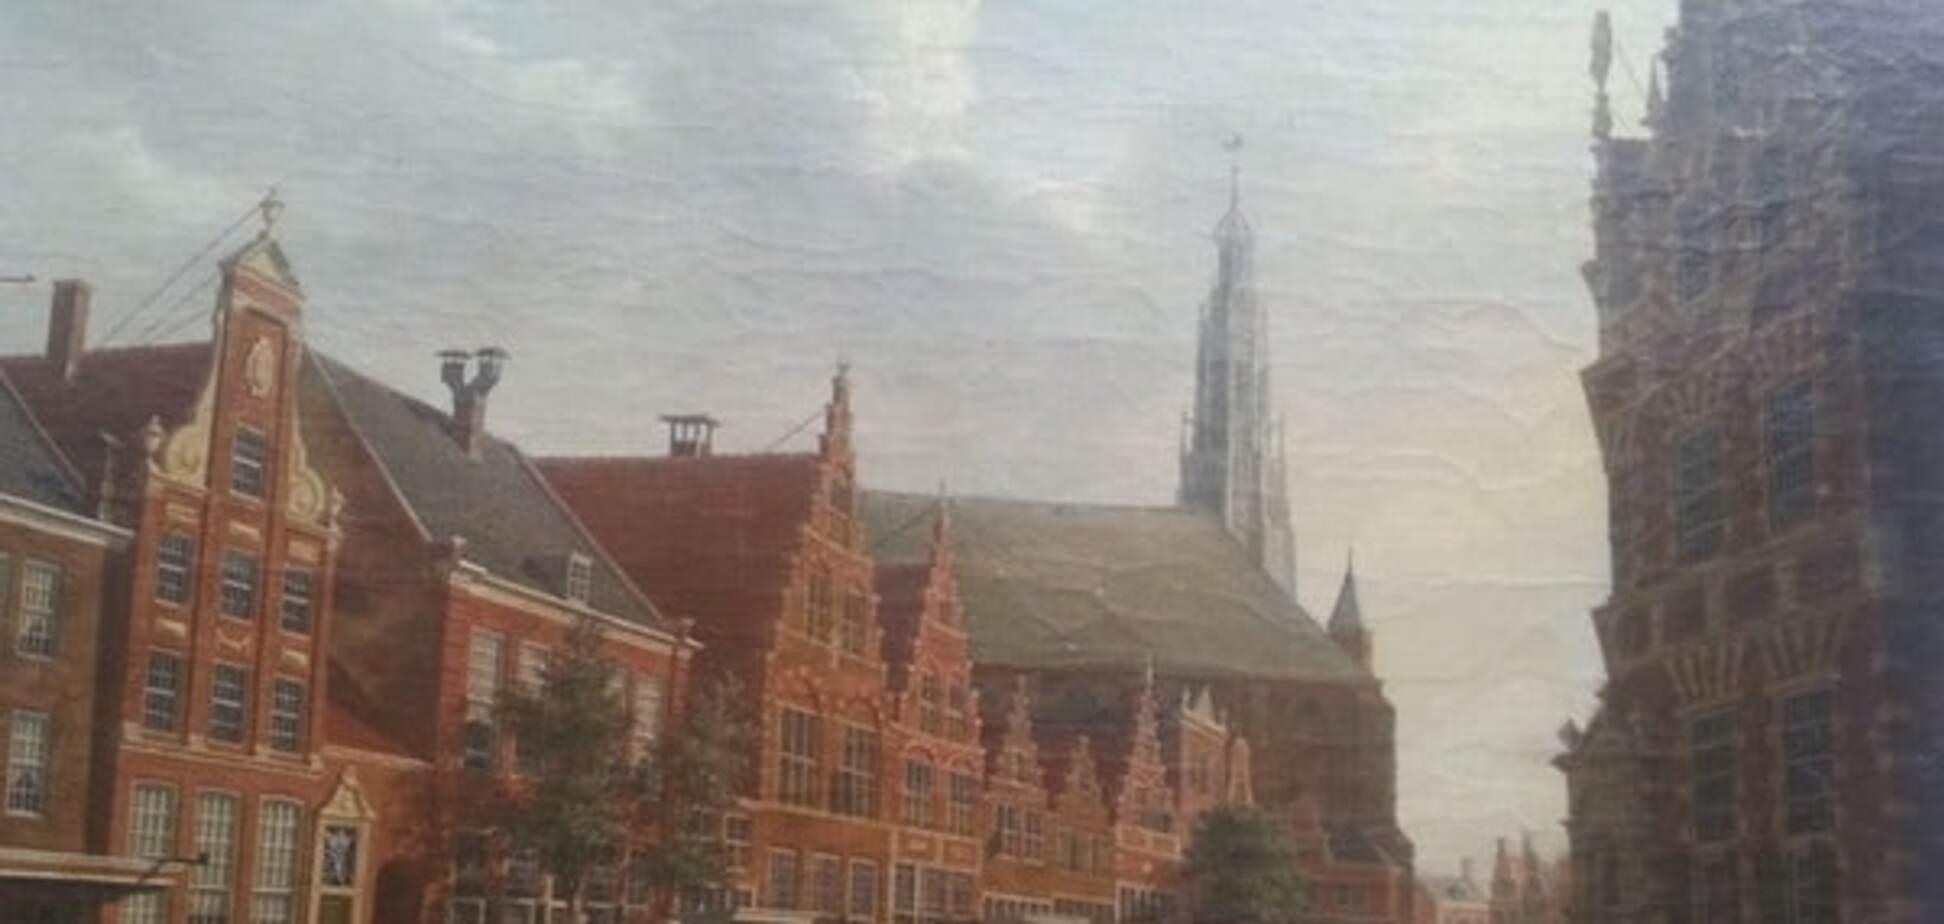 Nieuwstraat in Hoorn